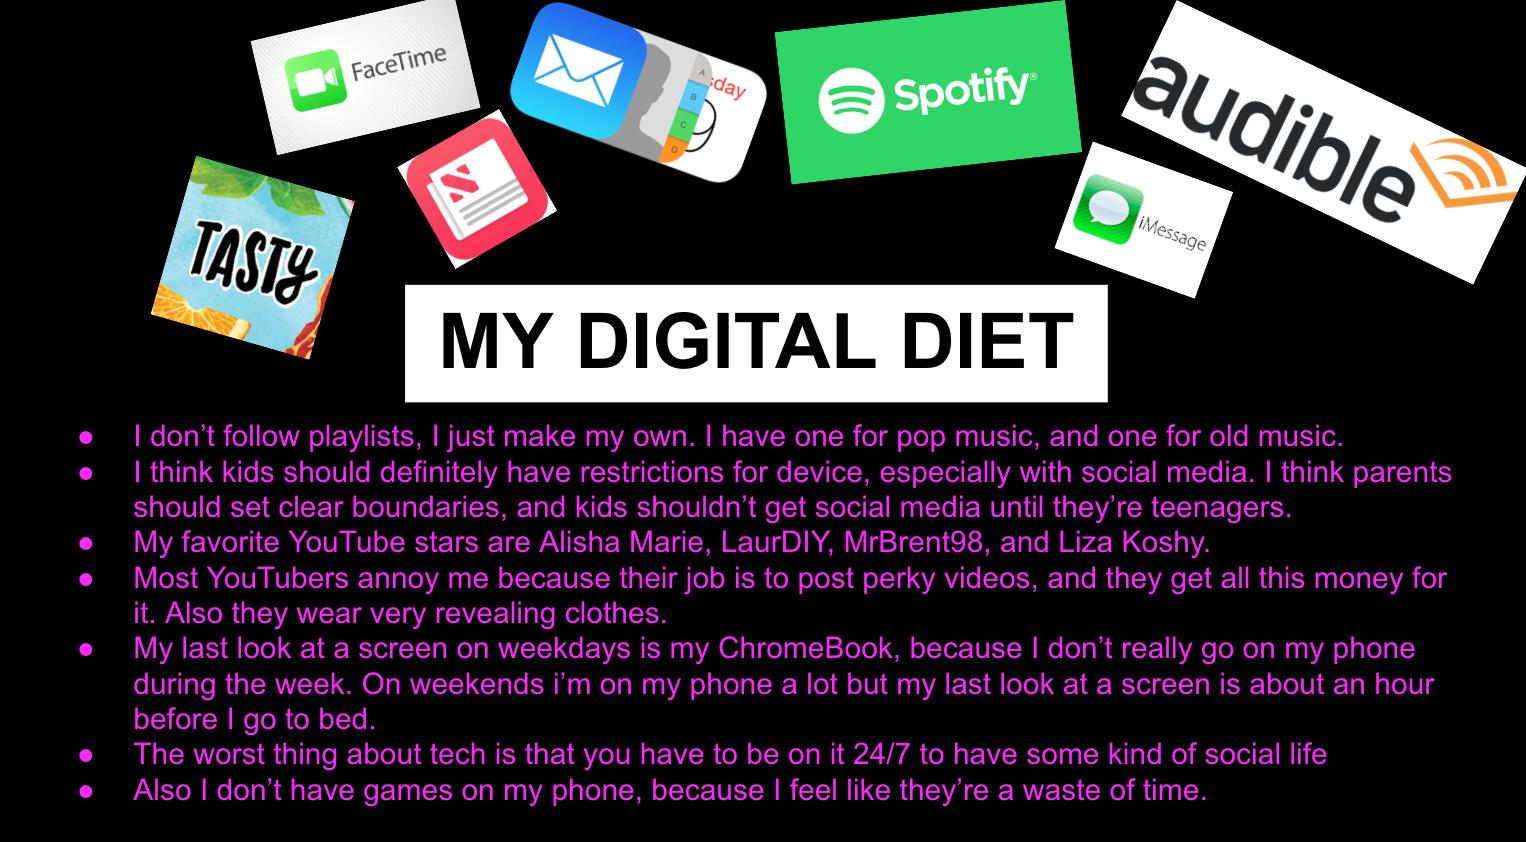 My-Digital-Diet-8.png